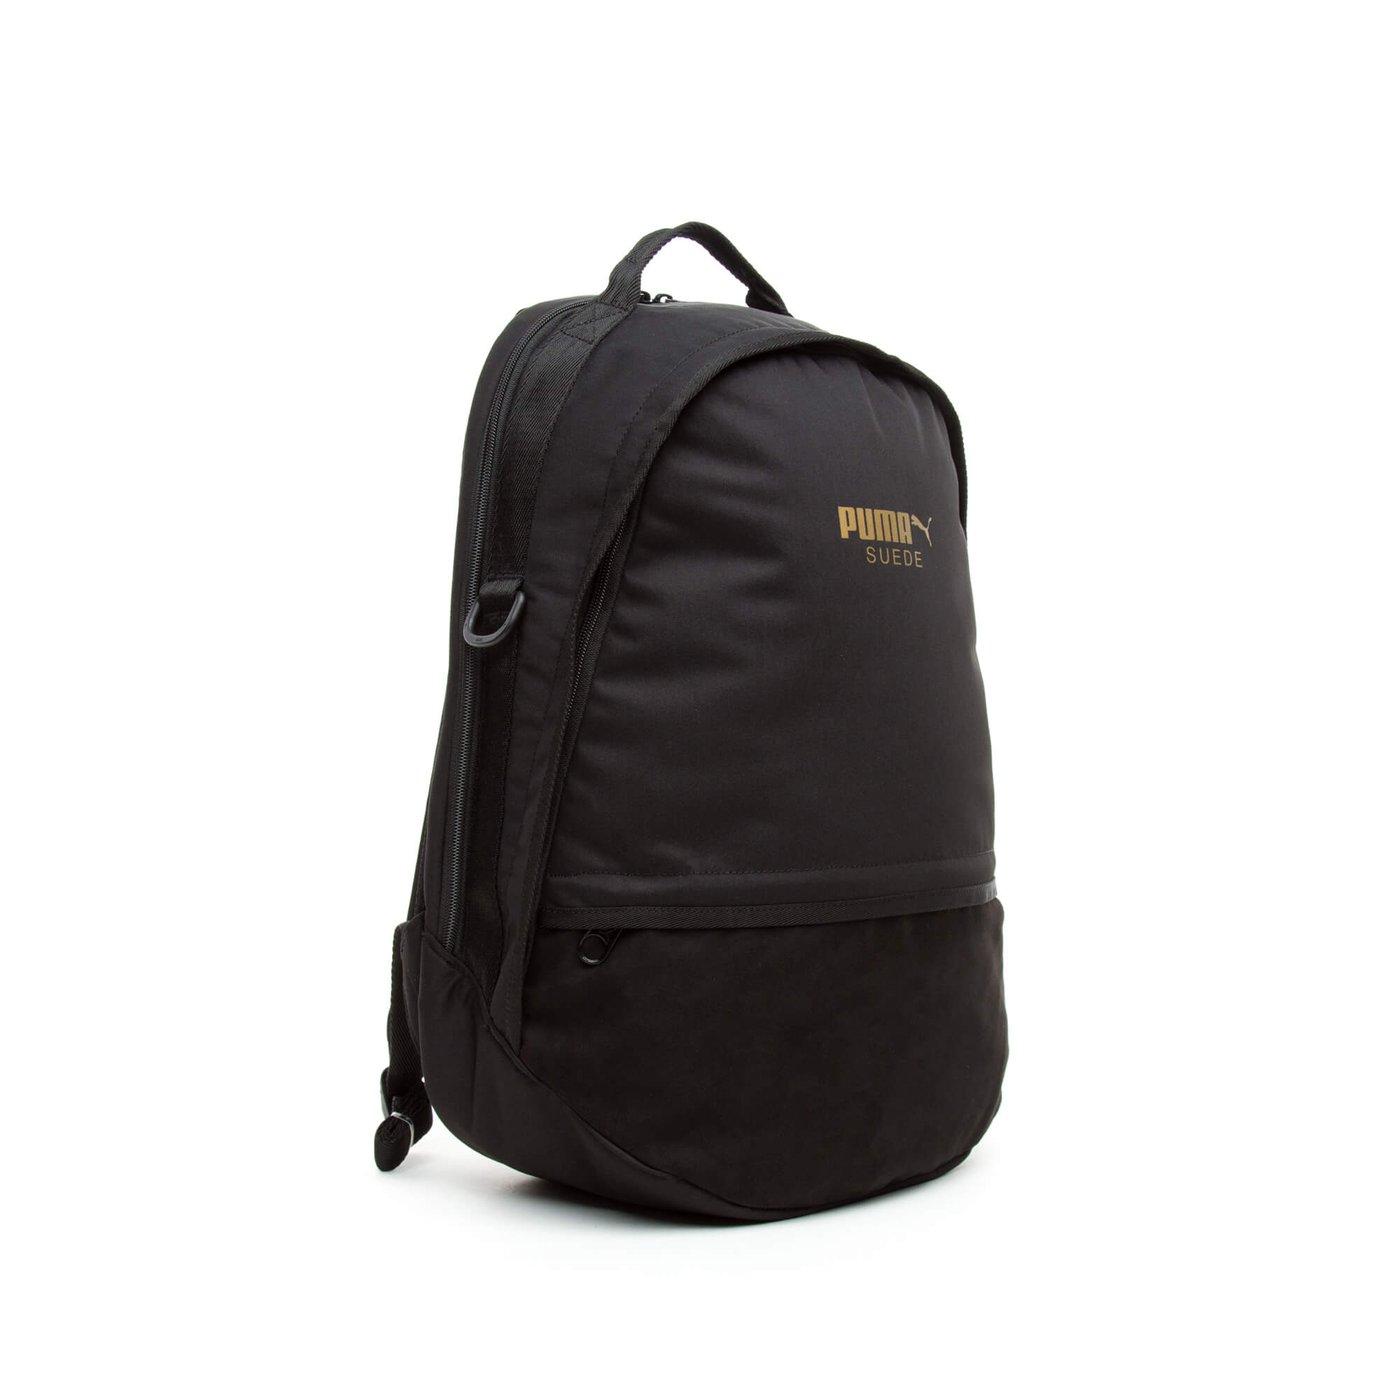 ca0de0e9e54 Puma Suede Backpack Unisex Siyah Çanta Kadin Çanta 3142573 | SuperStep